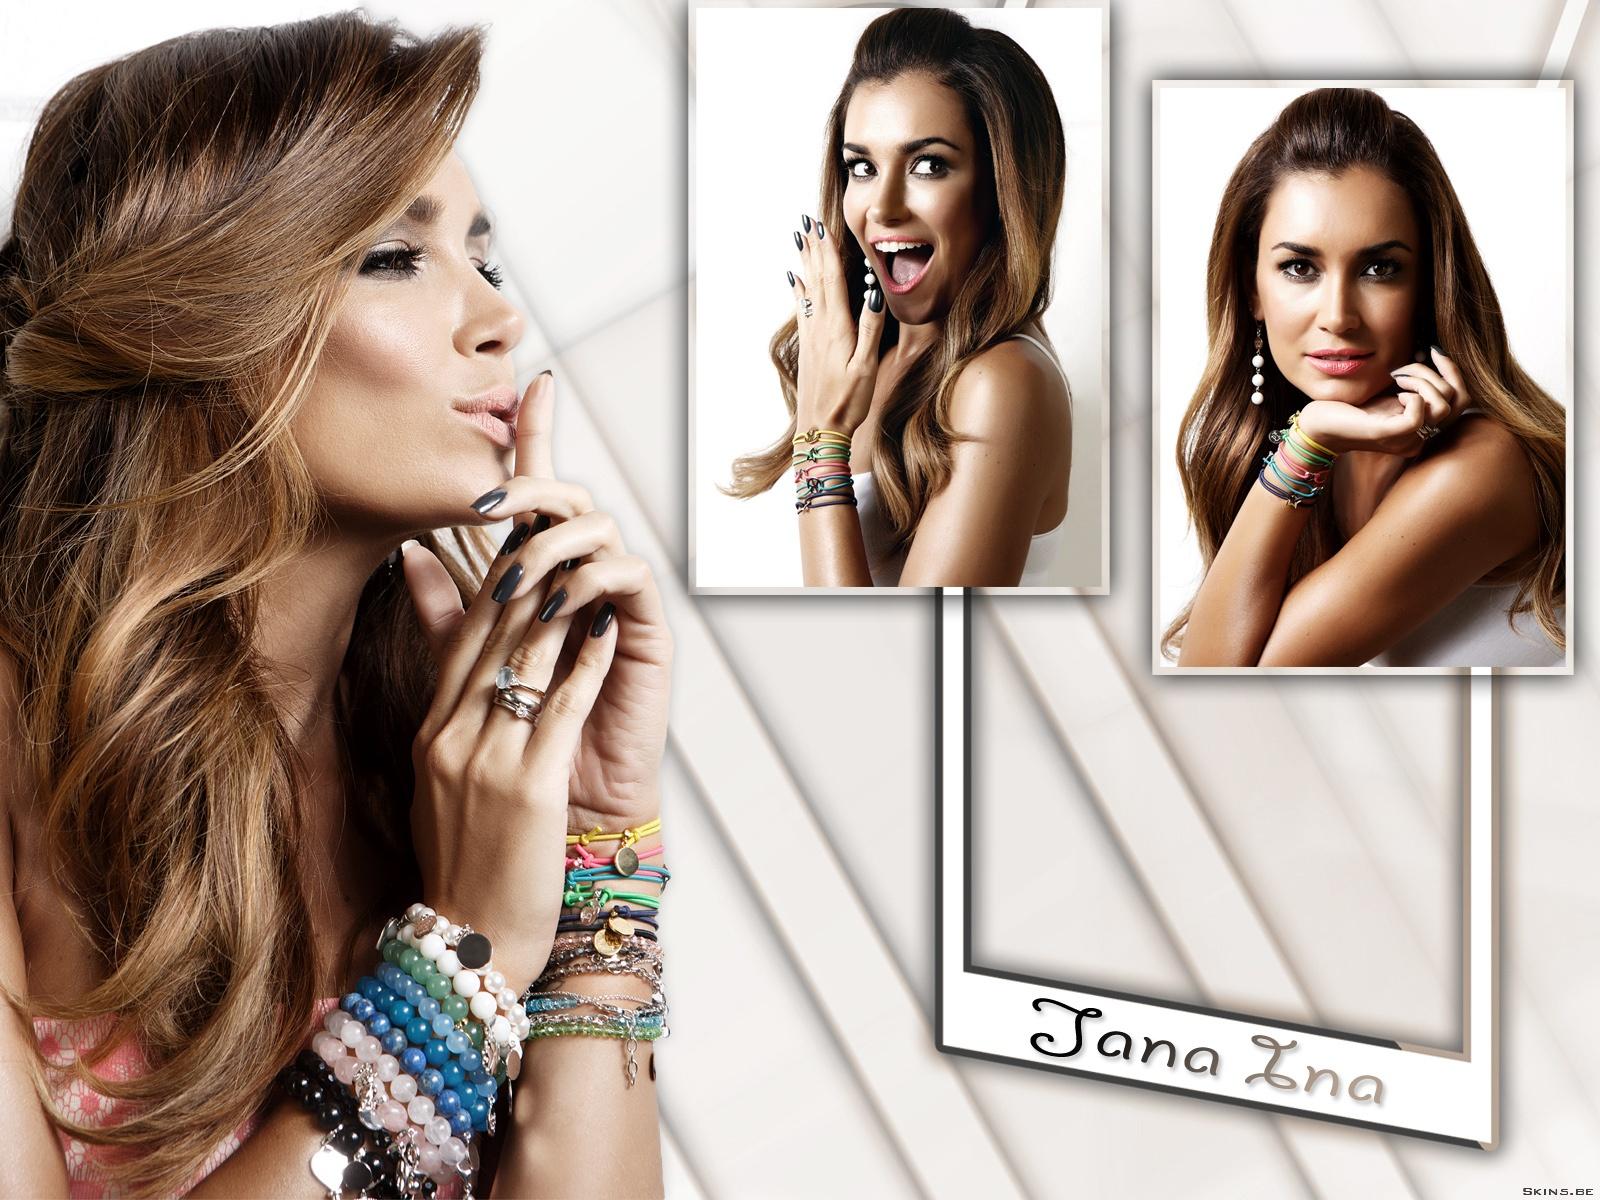 Jana Ina wallpaper (#41453)